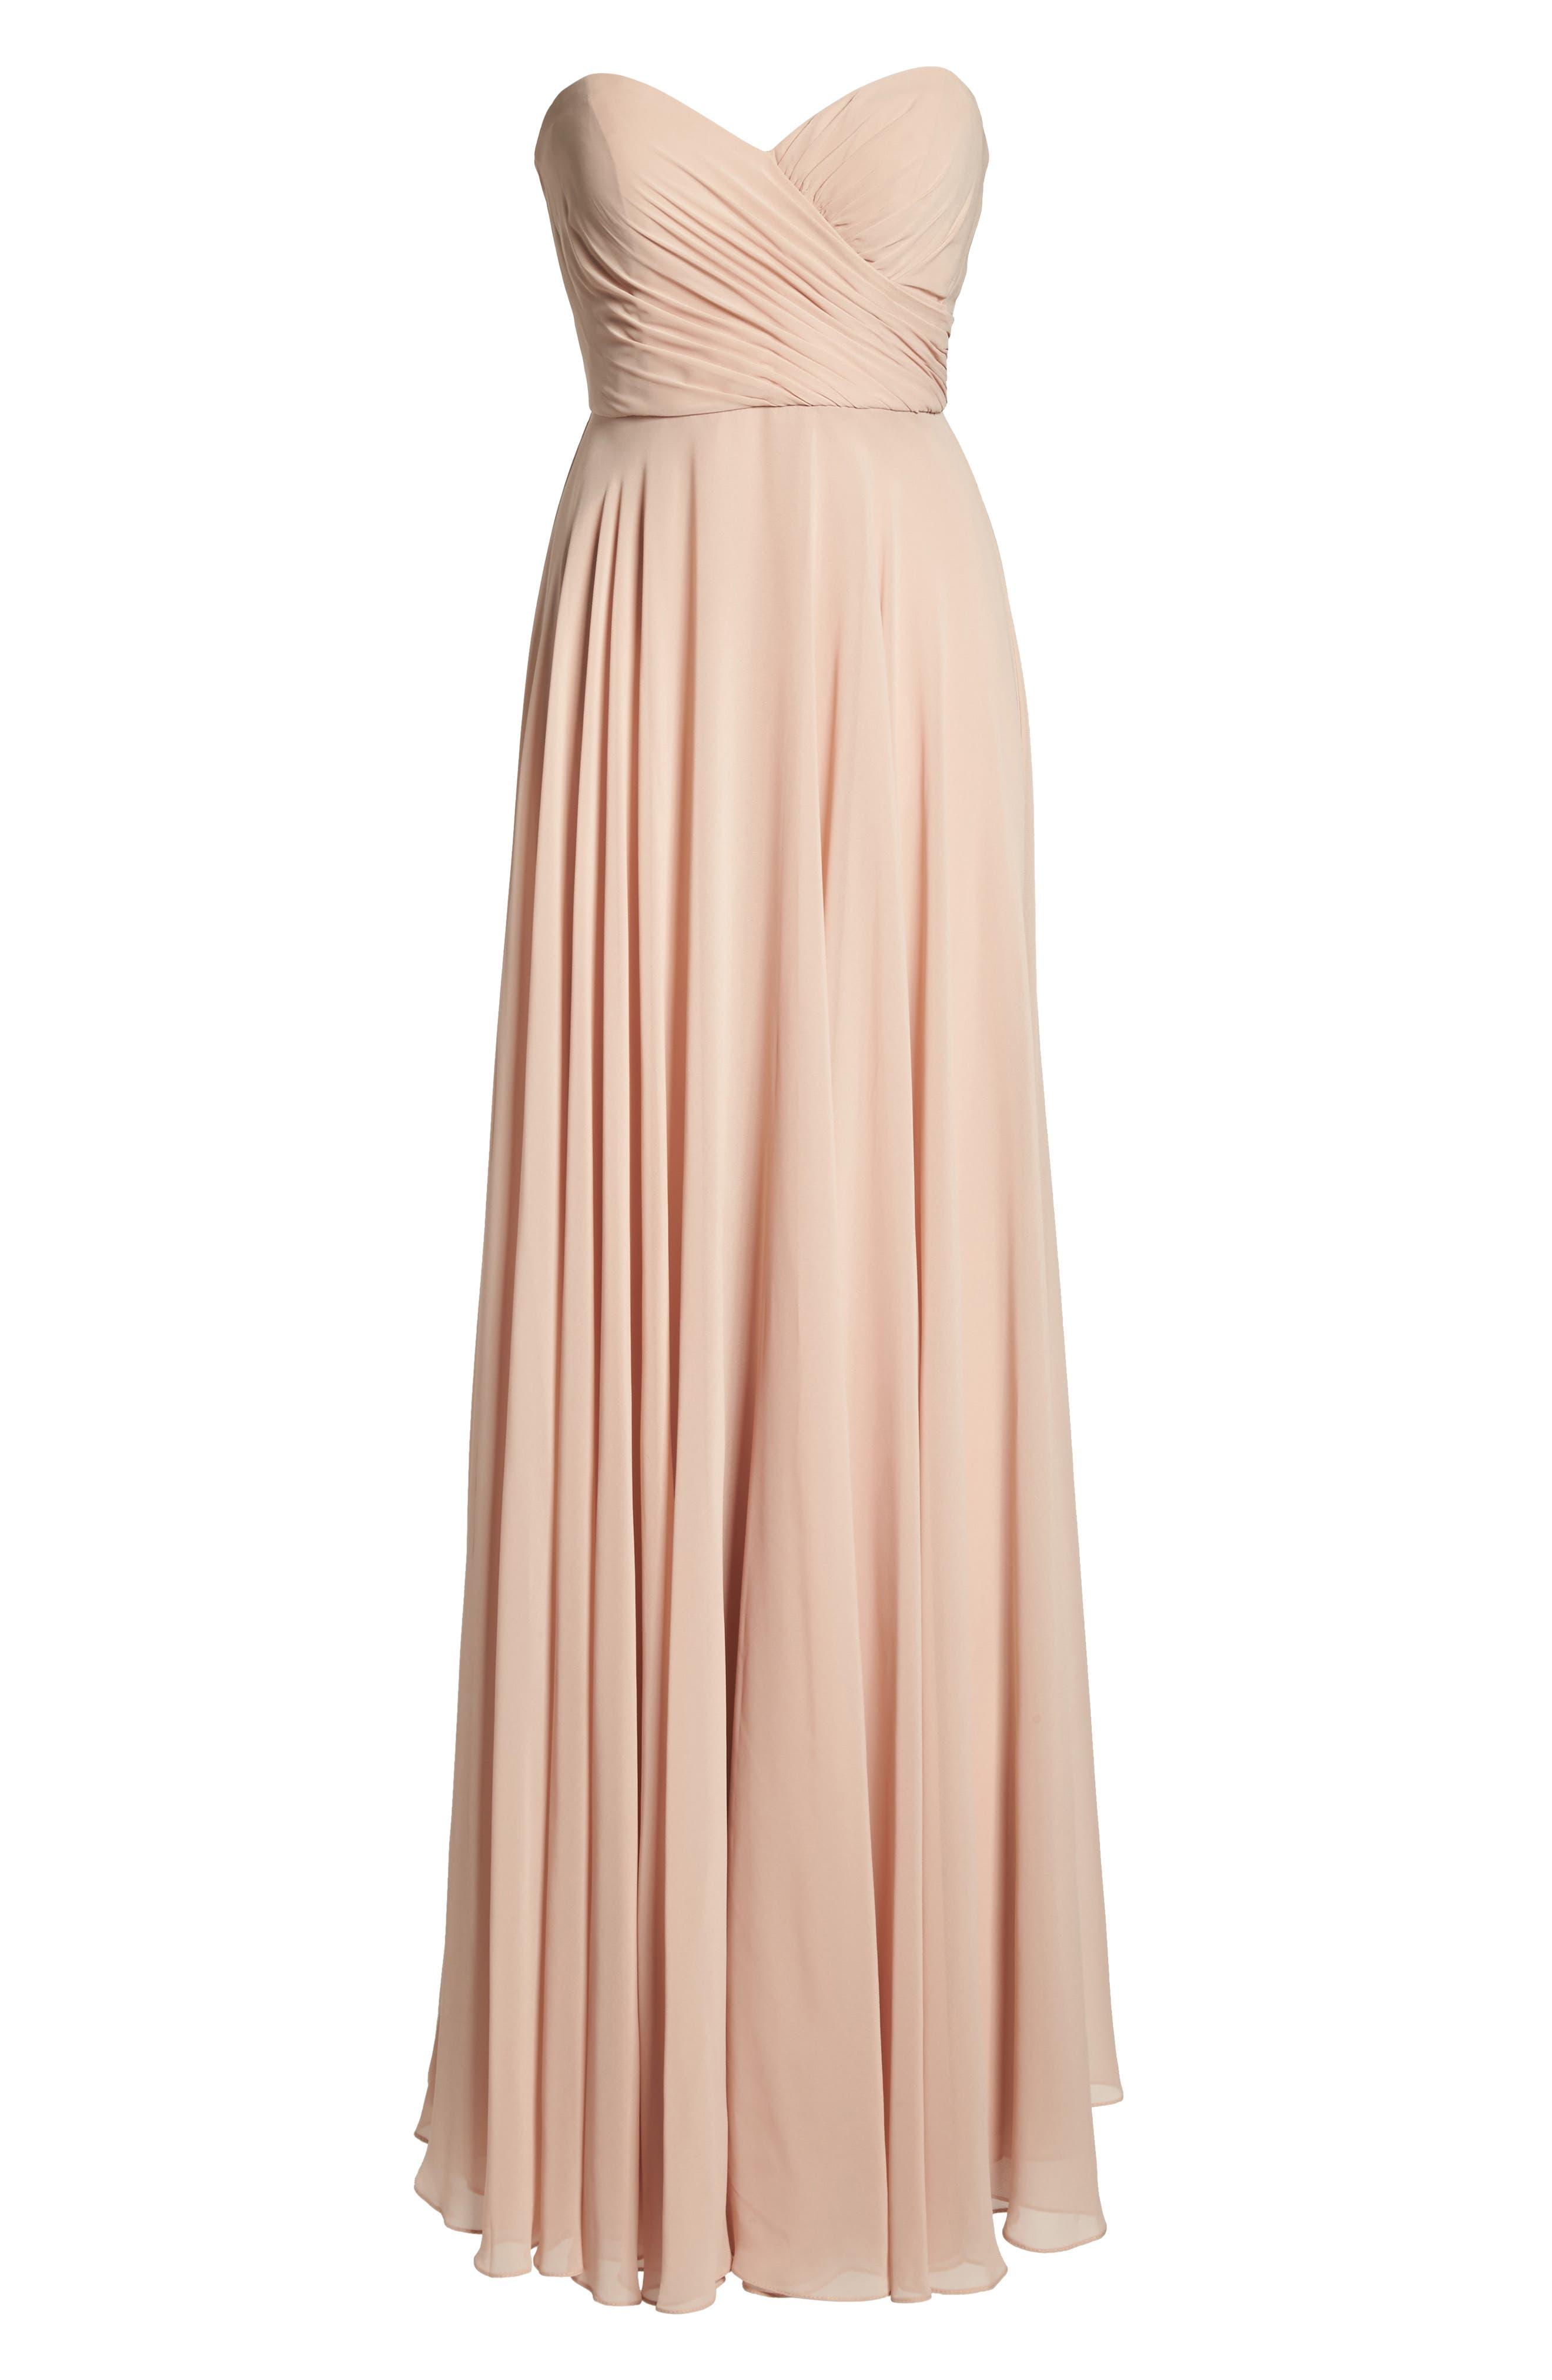 Adeline Strapless Chiffon Gown,                             Alternate thumbnail 6, color,                             DESERT ROSE